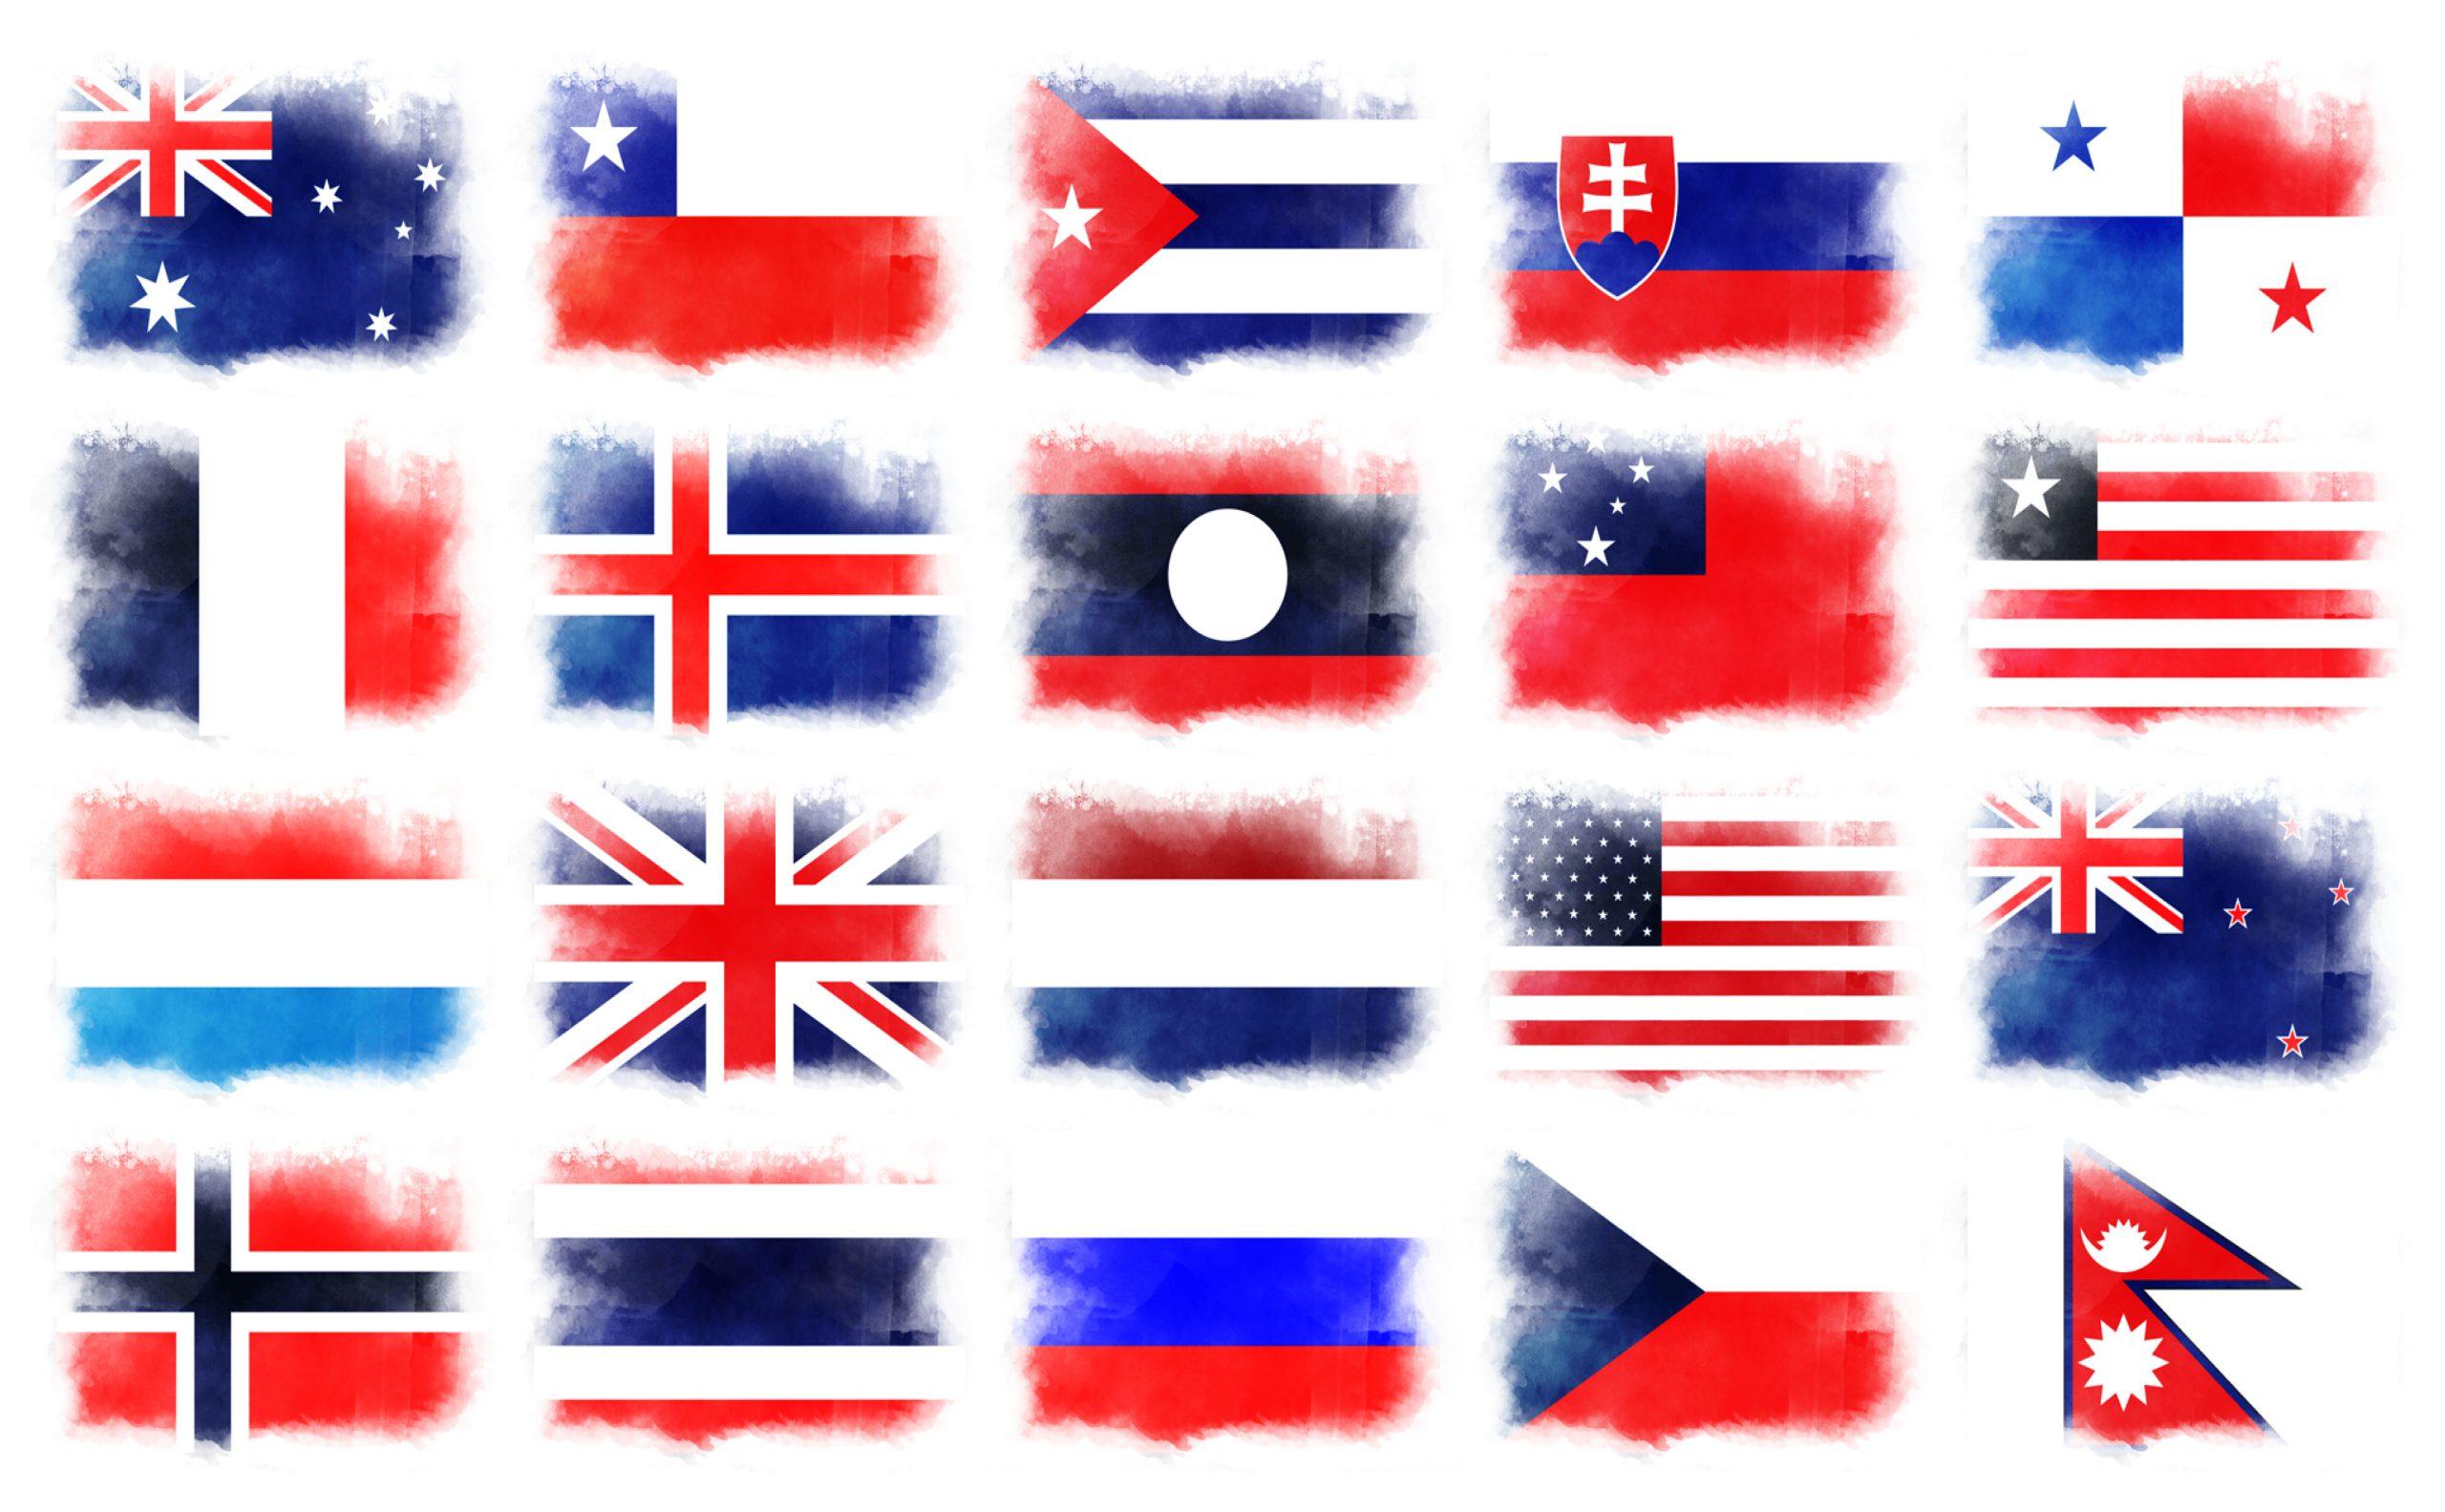 赤白青3色旗20ヵ国一覧